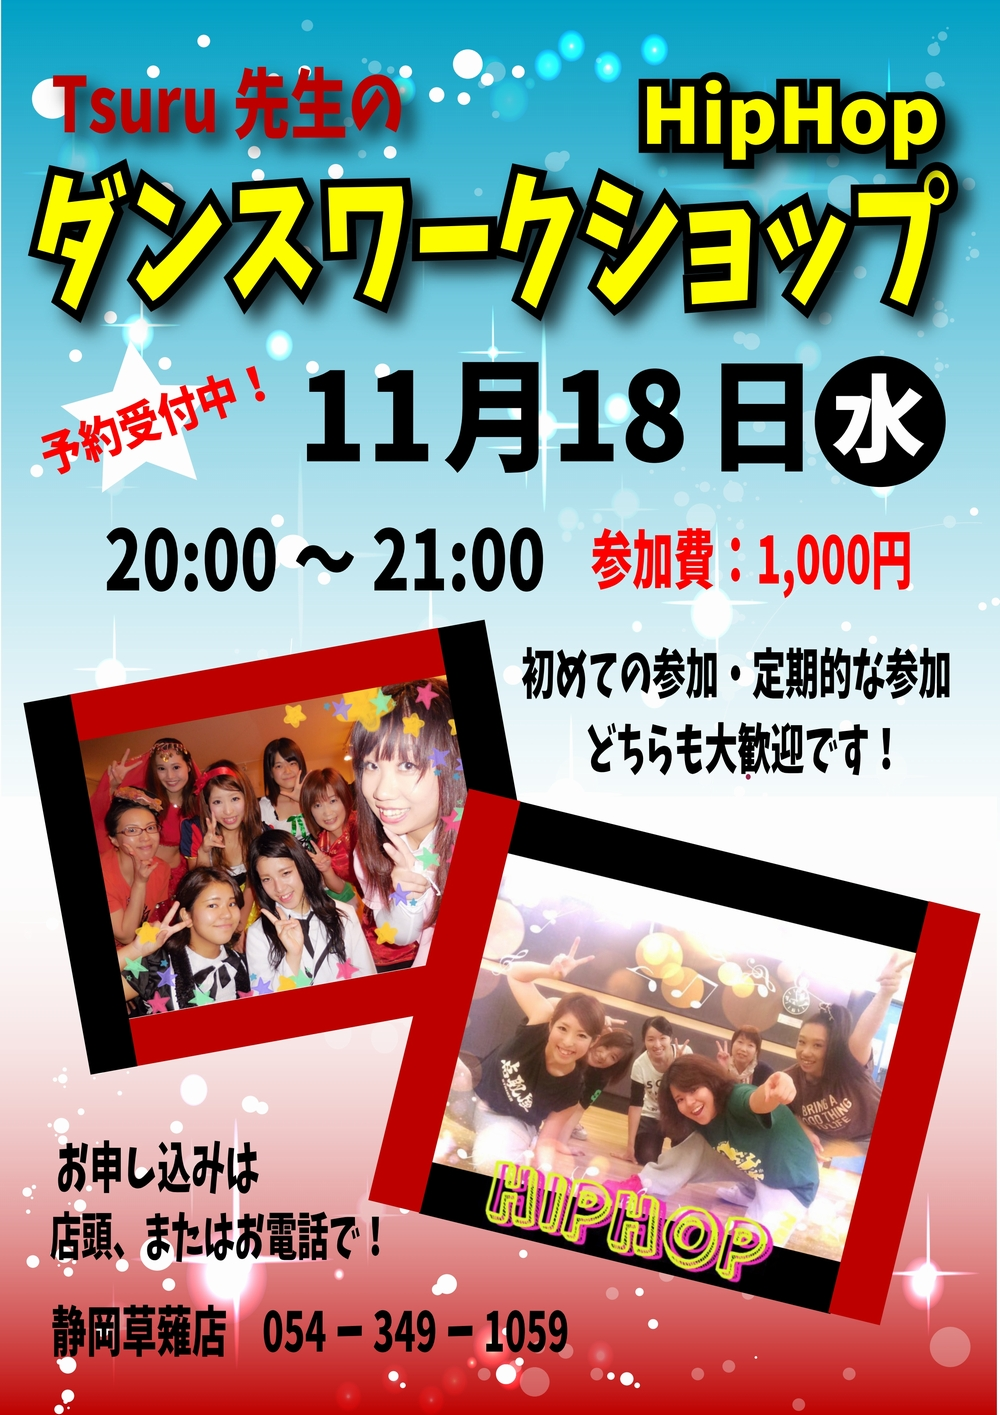 【ワークショップ・HipHopダンス】音楽天国・静岡草薙店11月18日(水)好評開催